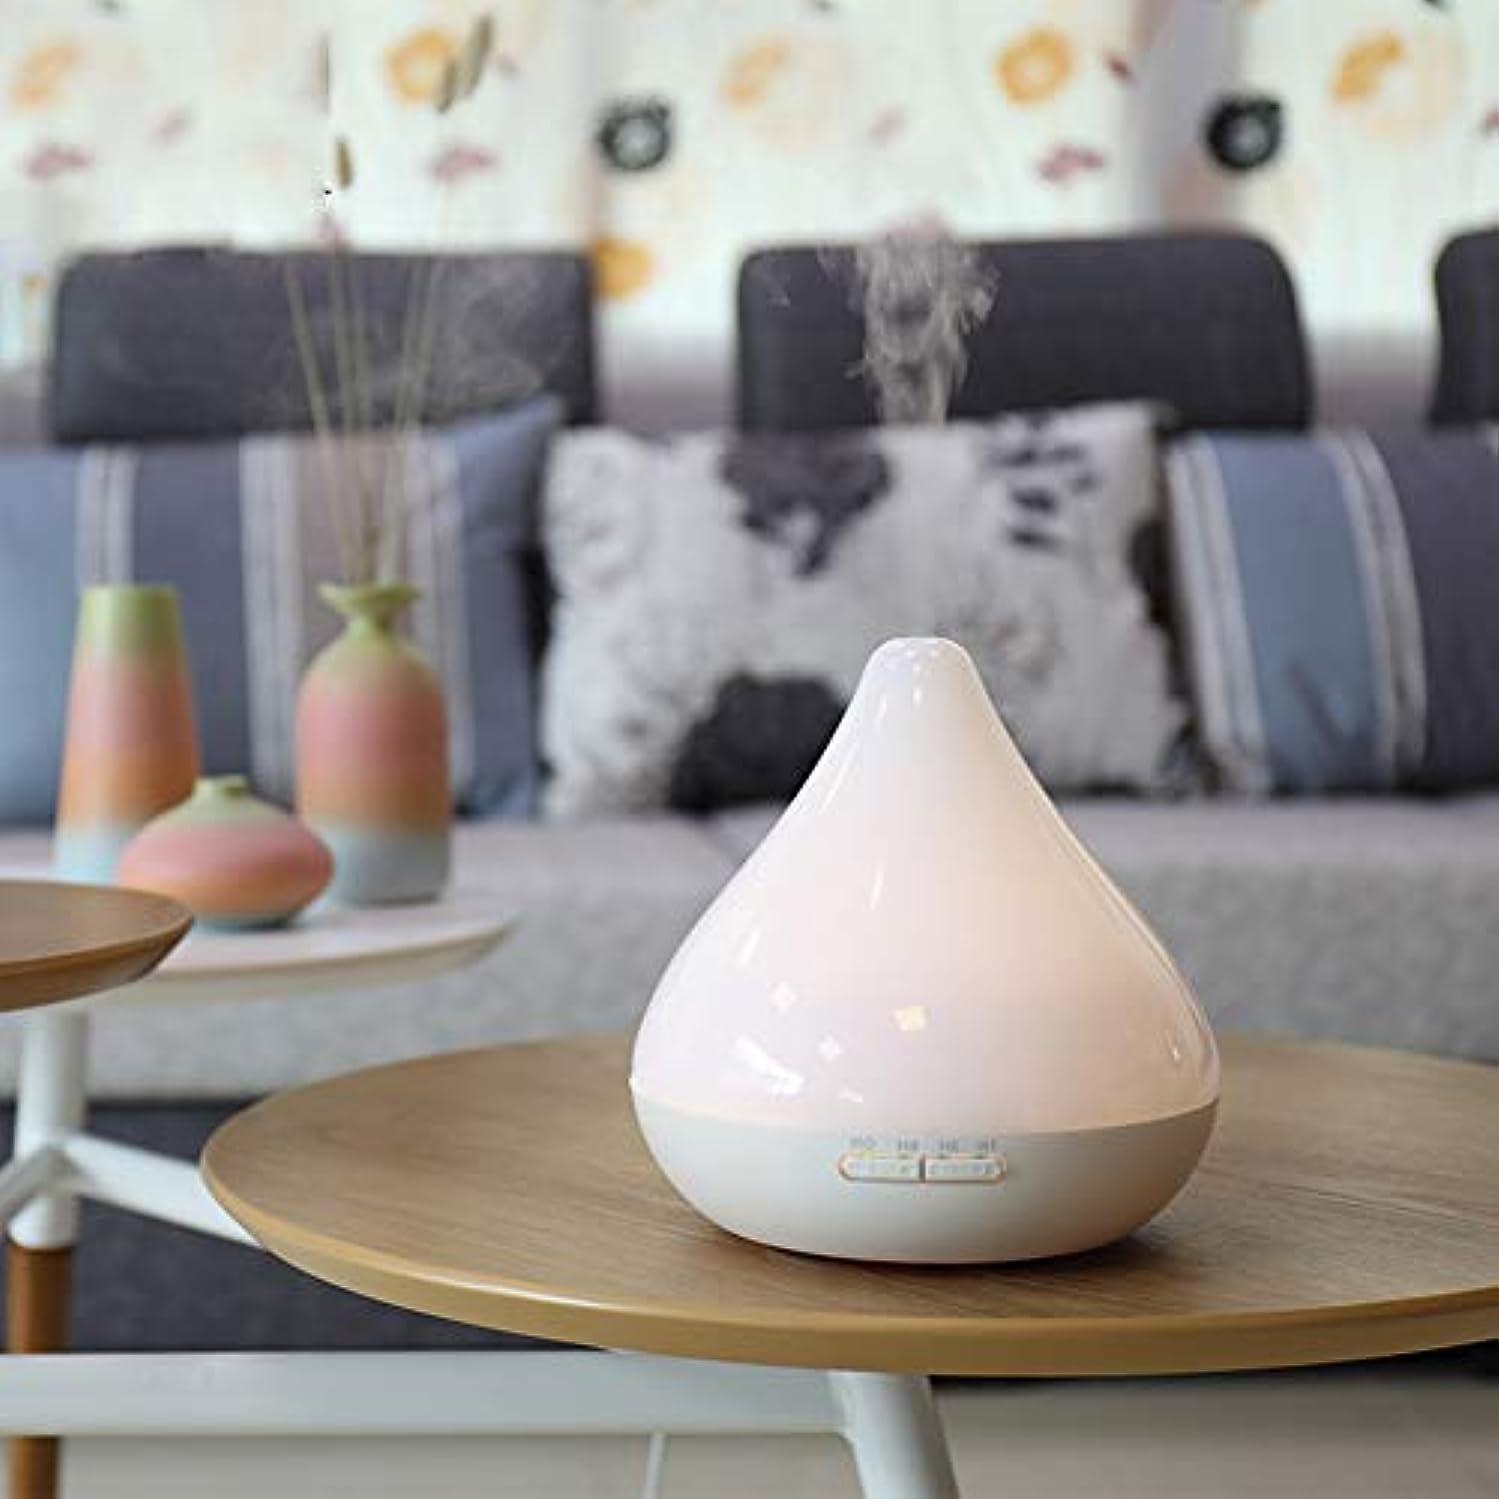 ランプうんざり貴重なアロマエッセンシャルオイルディフューザー、クールミスト加湿器ピュアエンリッチメントデラックスオプションの色変更ライトは、広い部屋のための理想的な